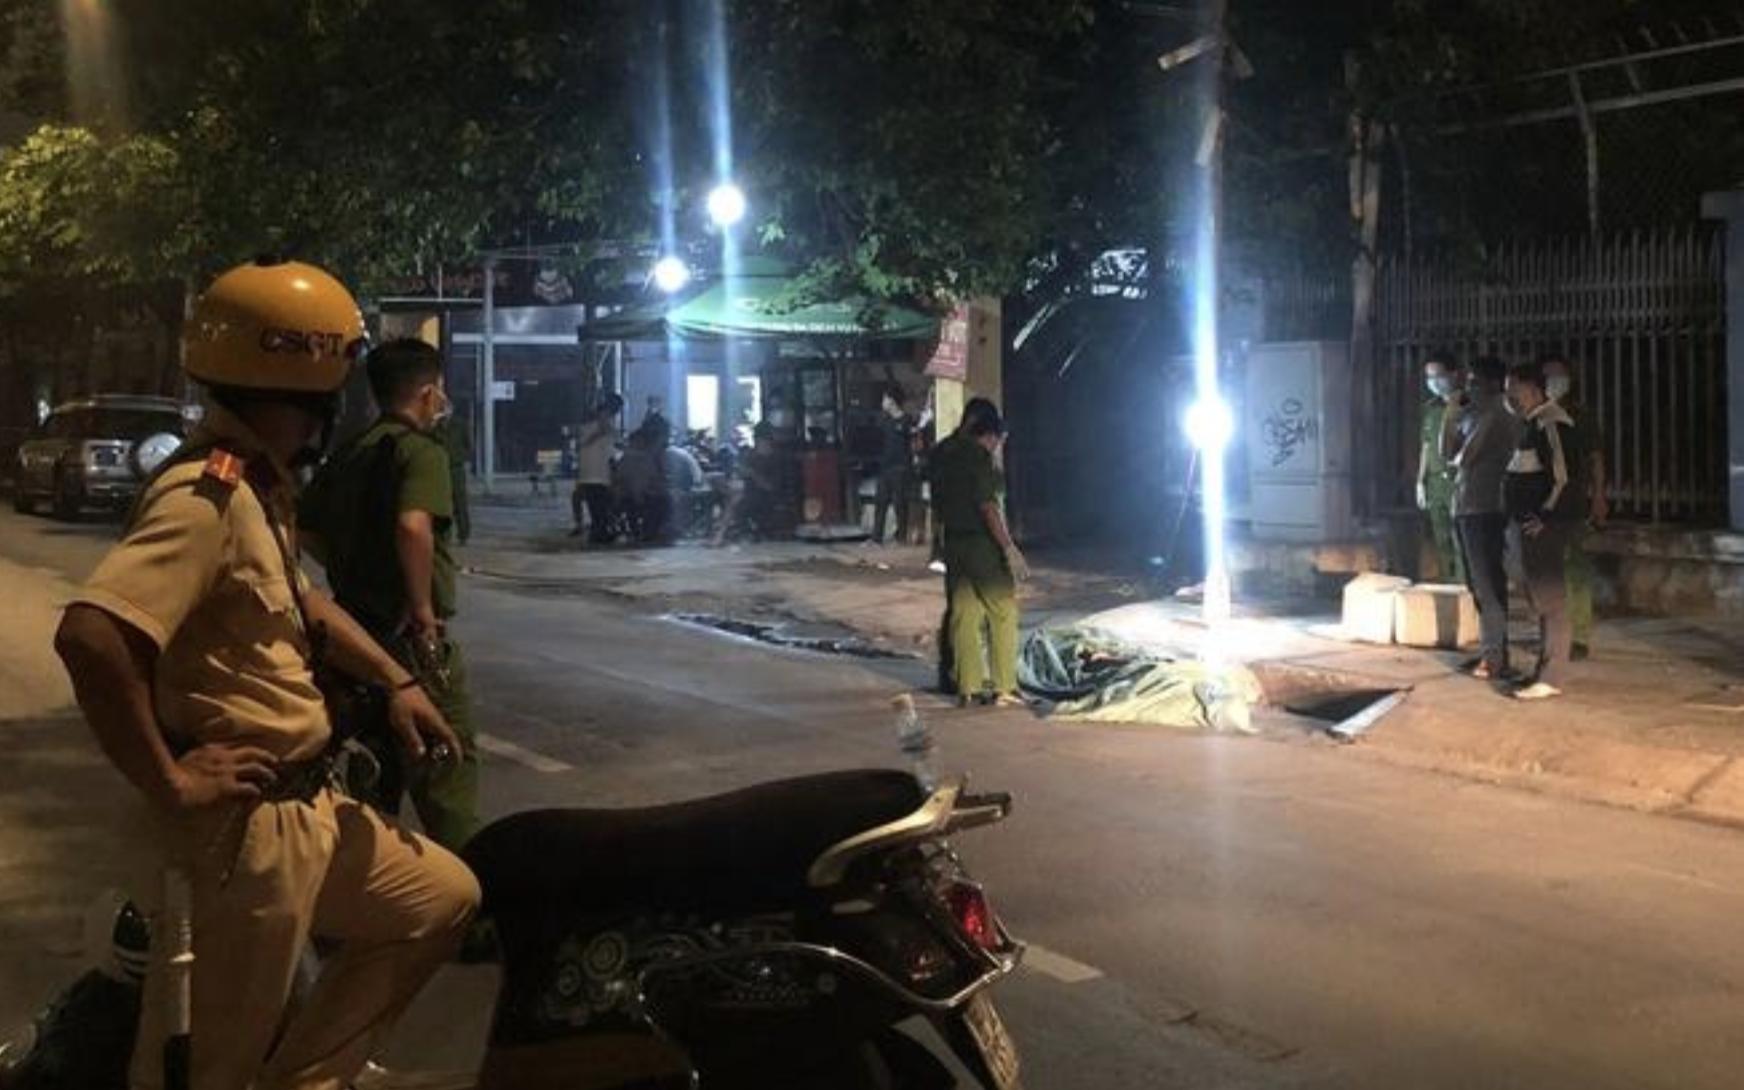 TP.HCM: Nửa đêm phát hiện thi thể quấn trong bao tải trước quán cà phê, nghi bị giết